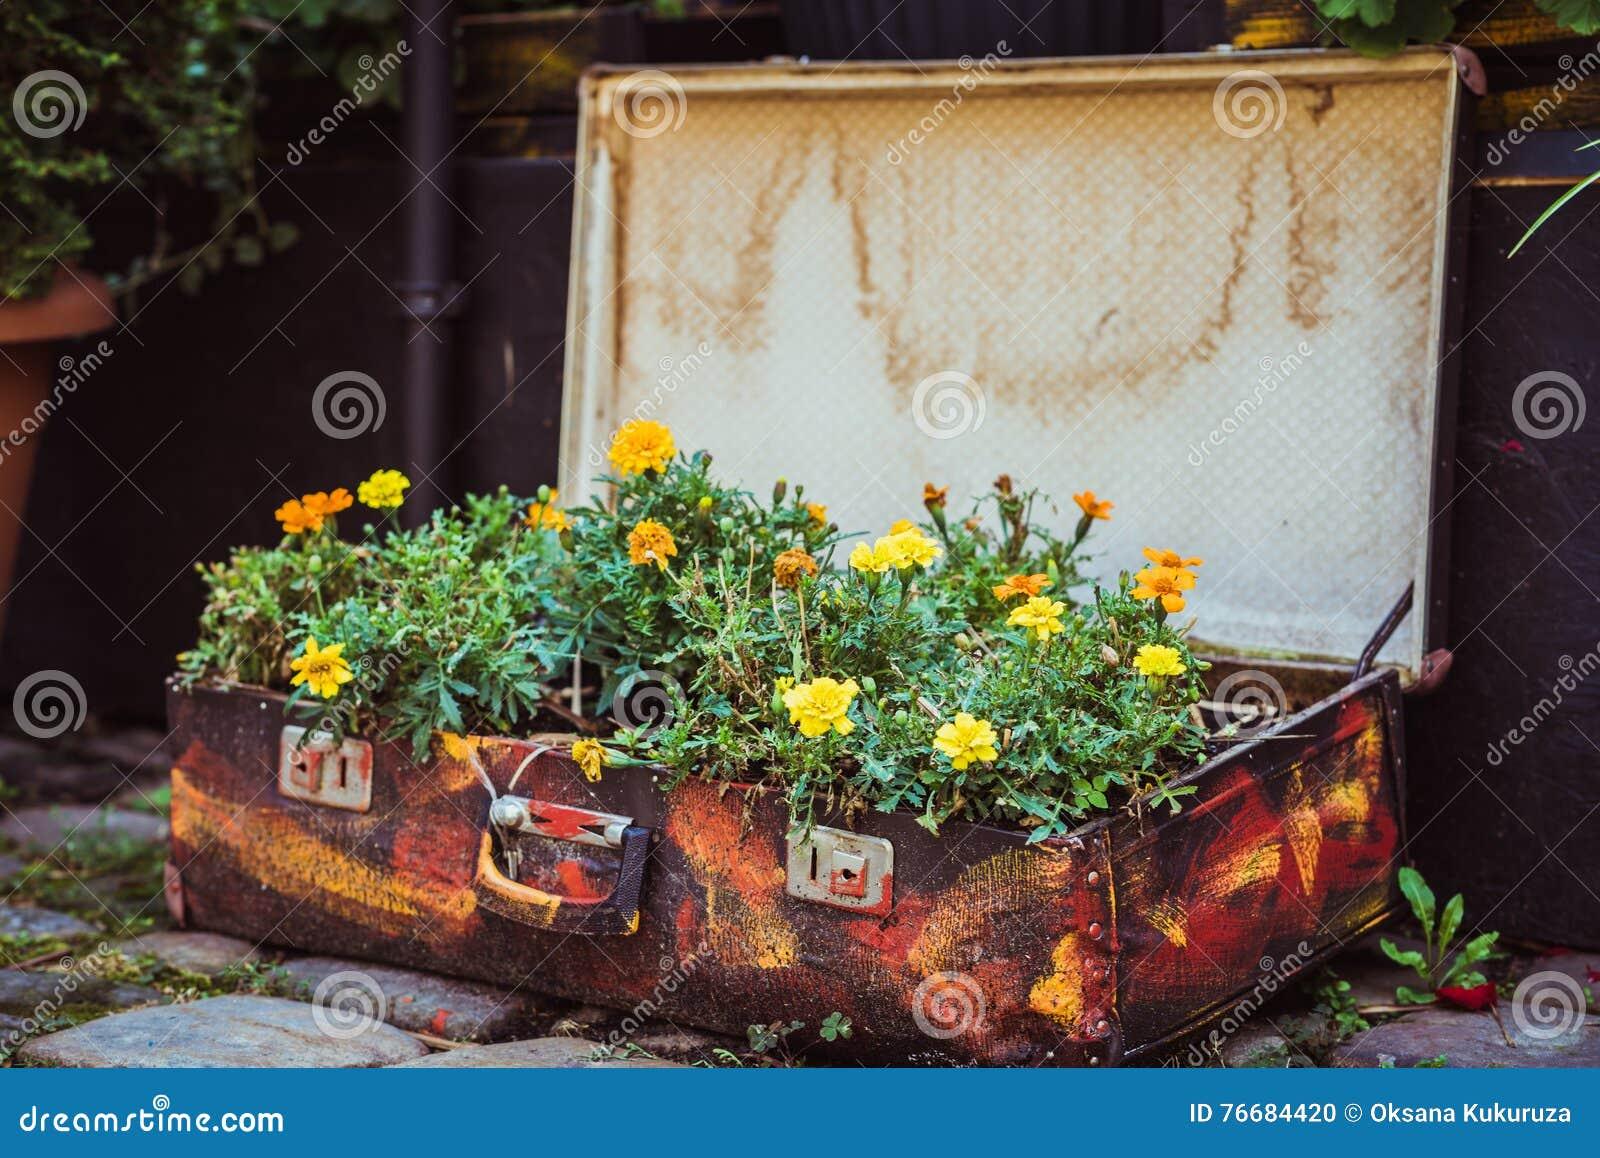 vieille valise avec des fleurs photo stock image 76684420. Black Bedroom Furniture Sets. Home Design Ideas